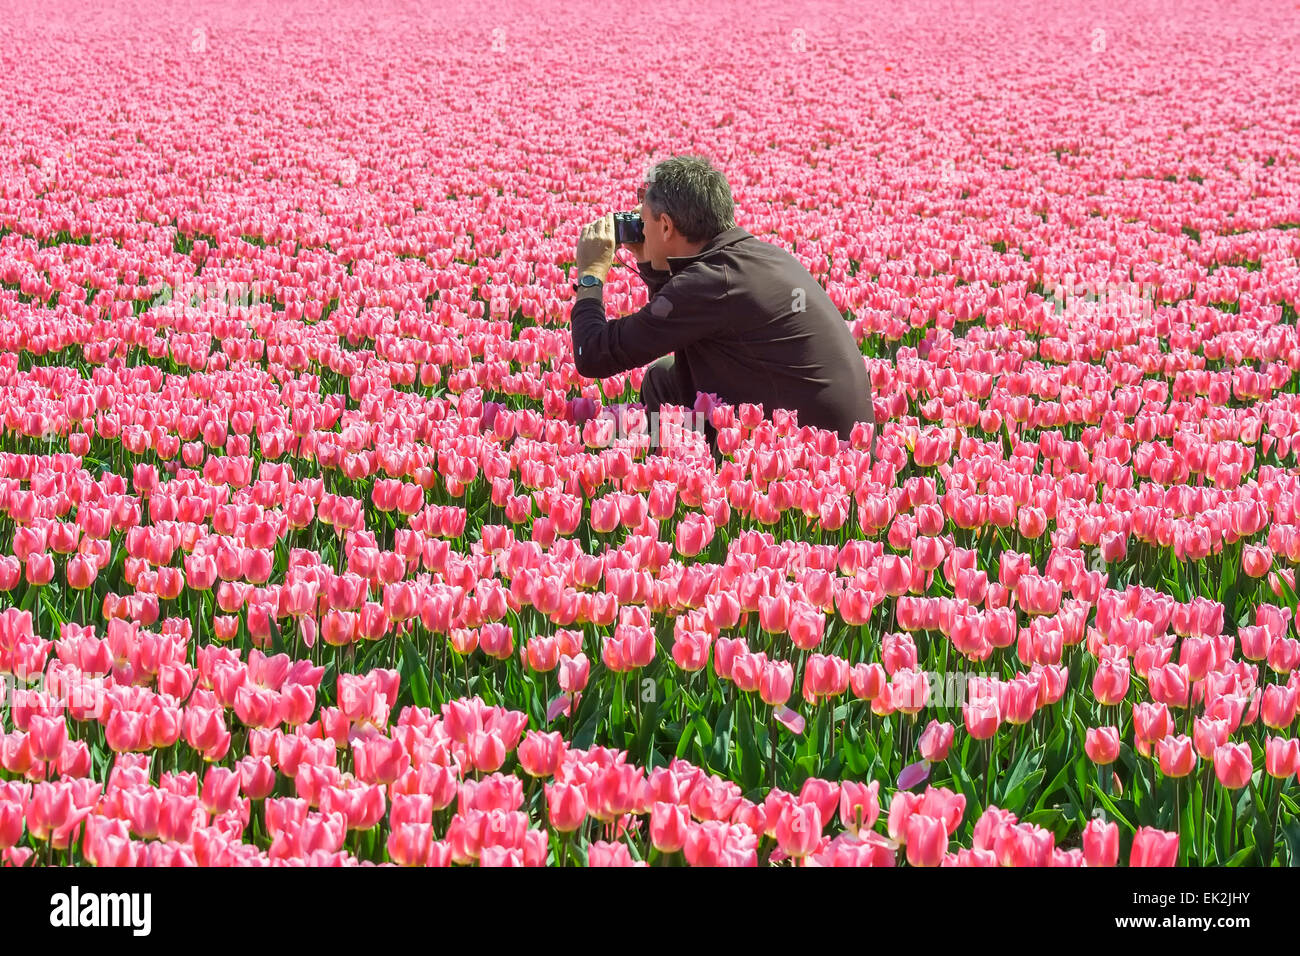 Uomo di scattare una foto in un campo di tulipani Immagini Stock